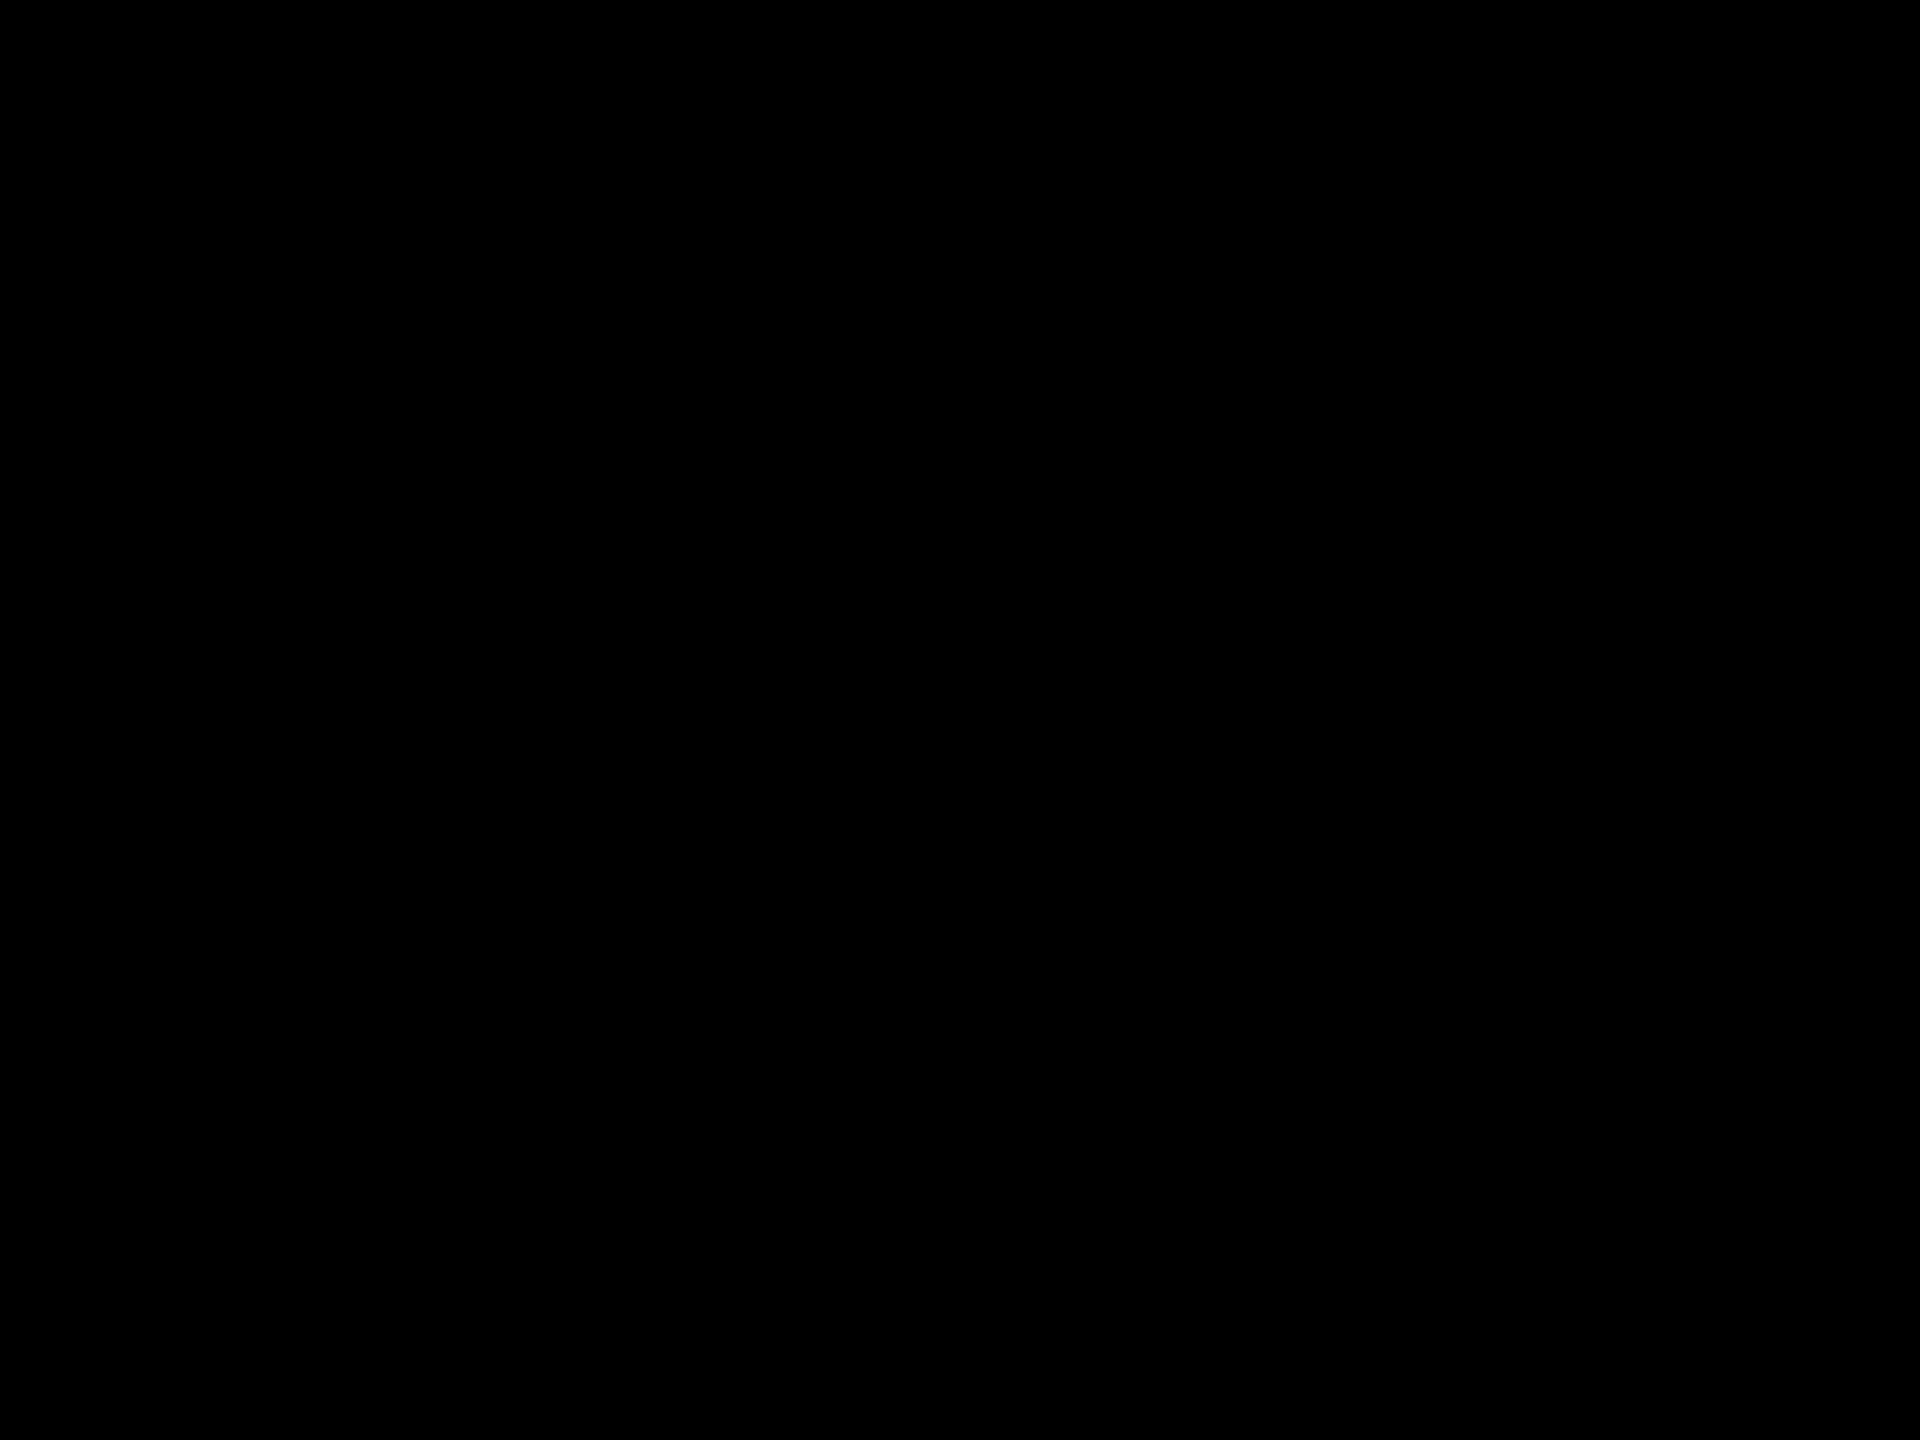 江ノ島電鉄 20形の型紙